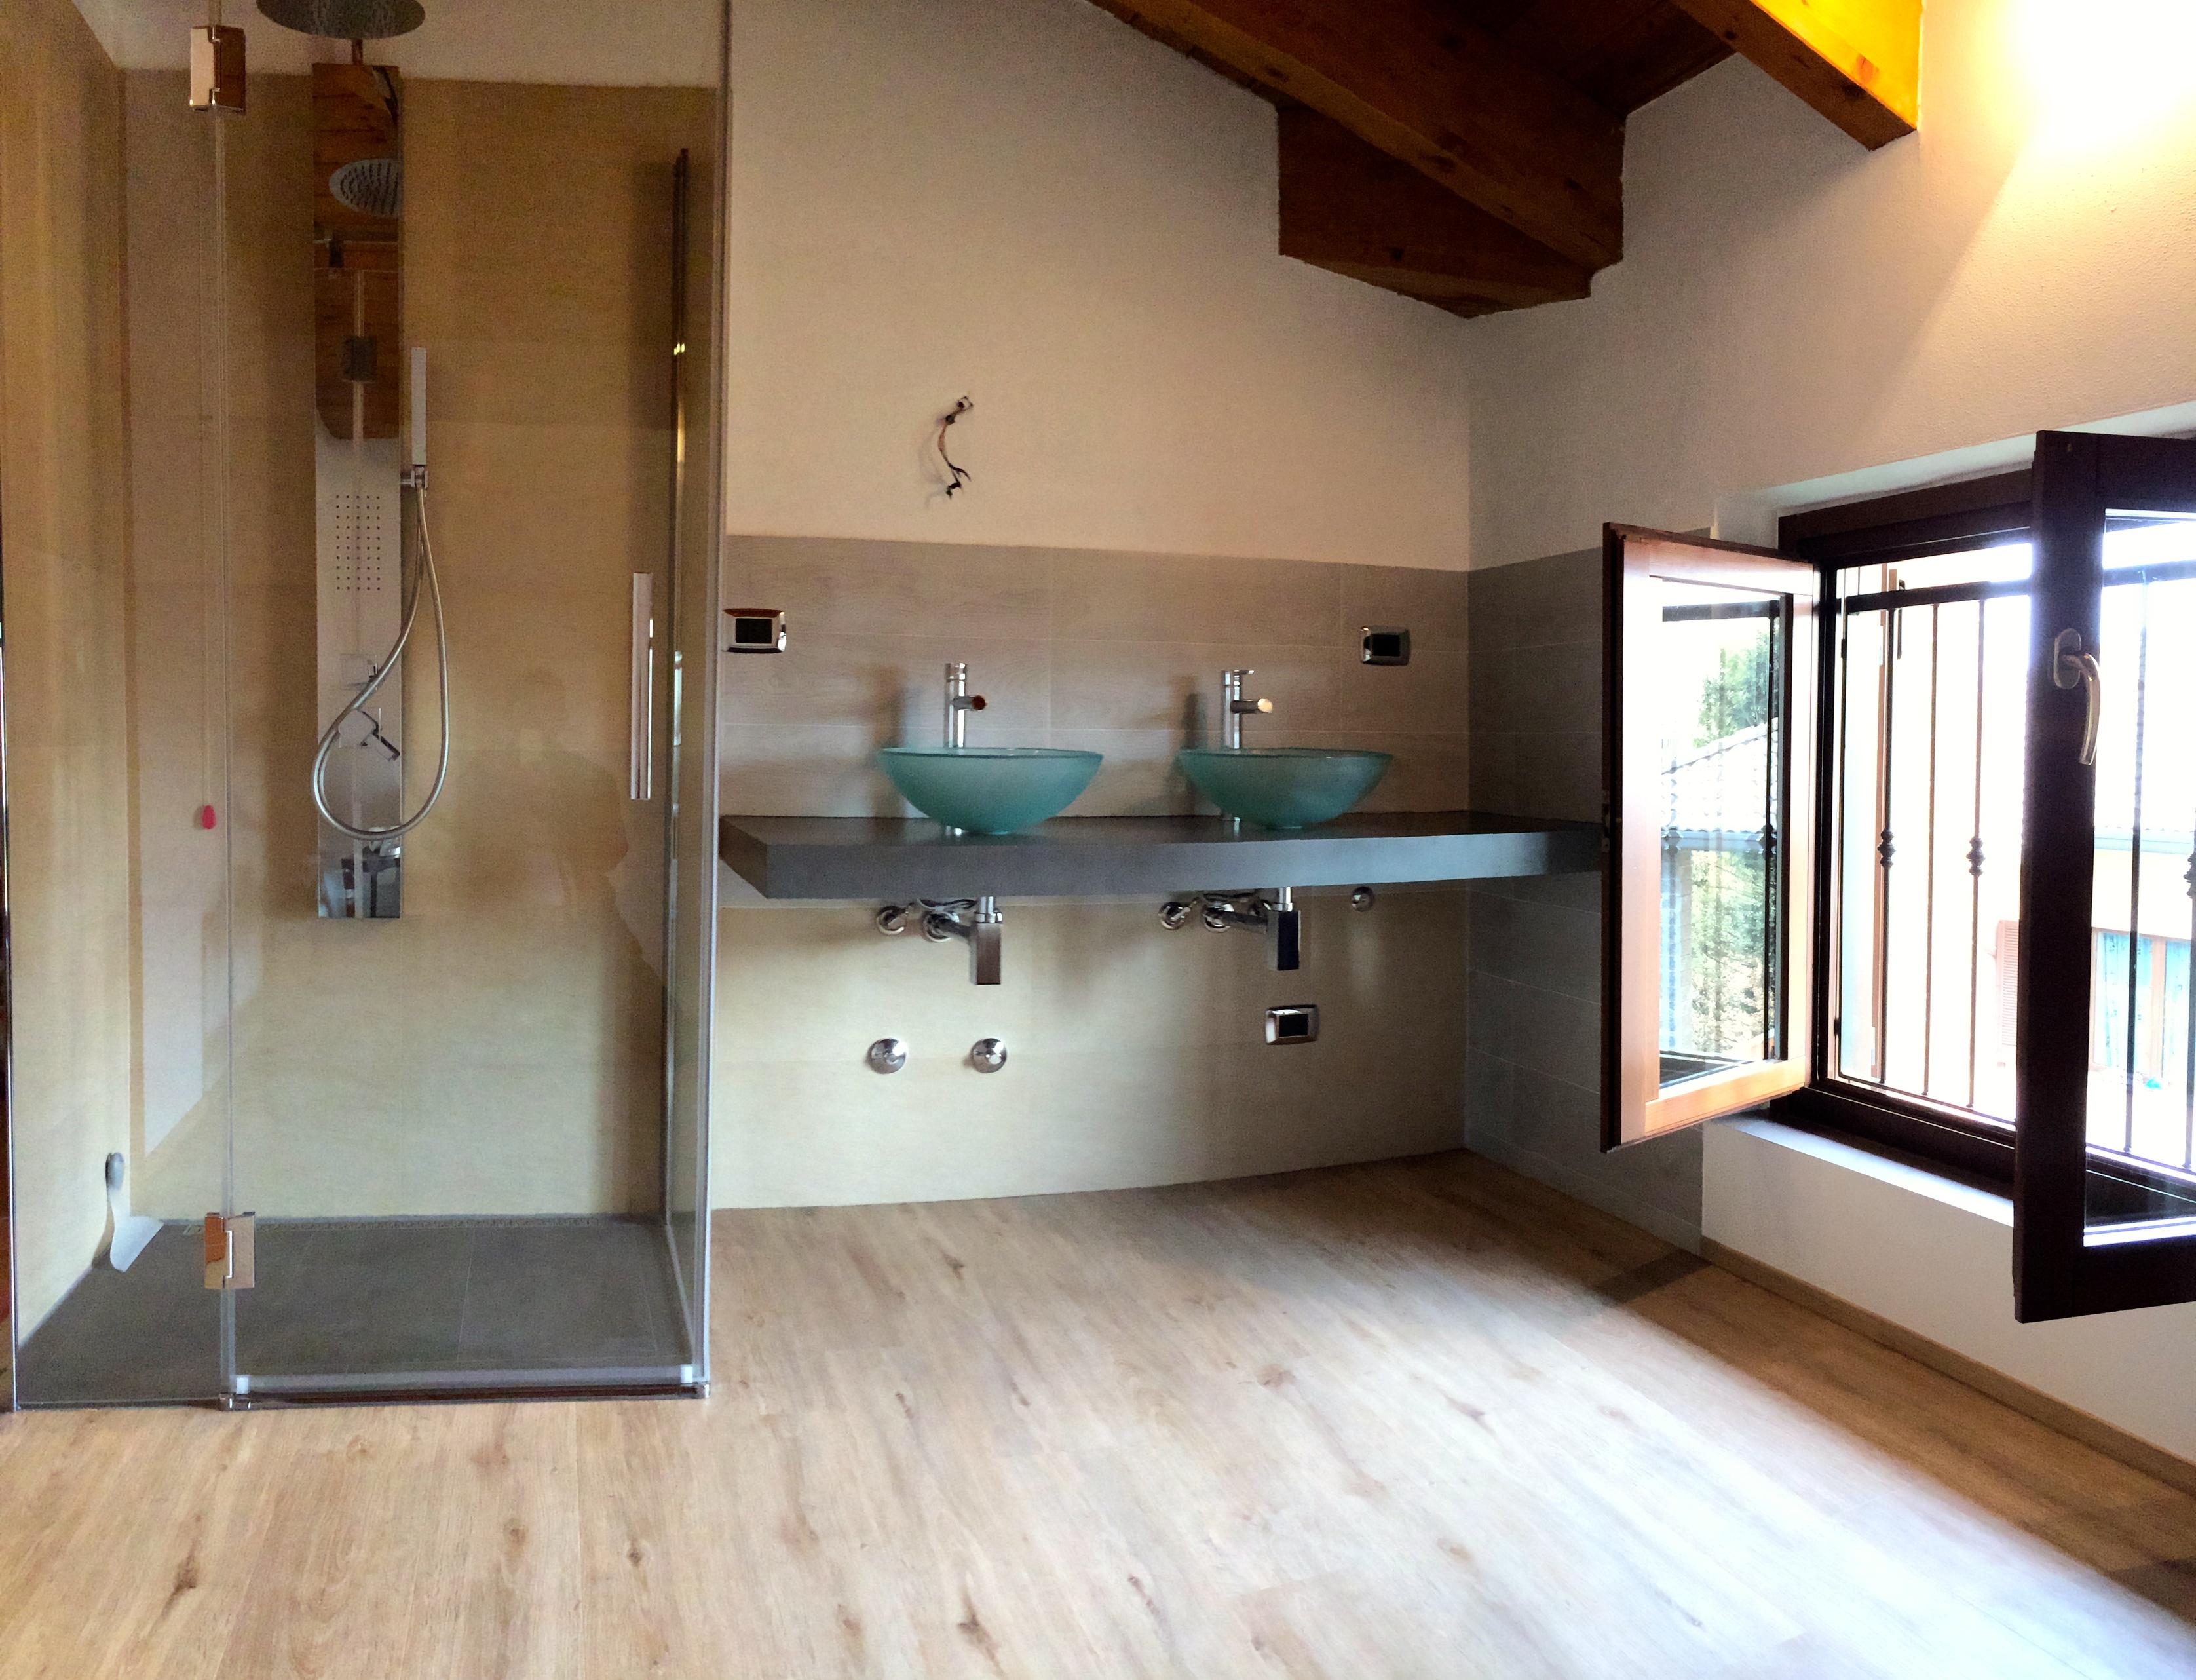 Appartamento, 2 Locali mansardato, con terrazzo - Affarimmobiliari